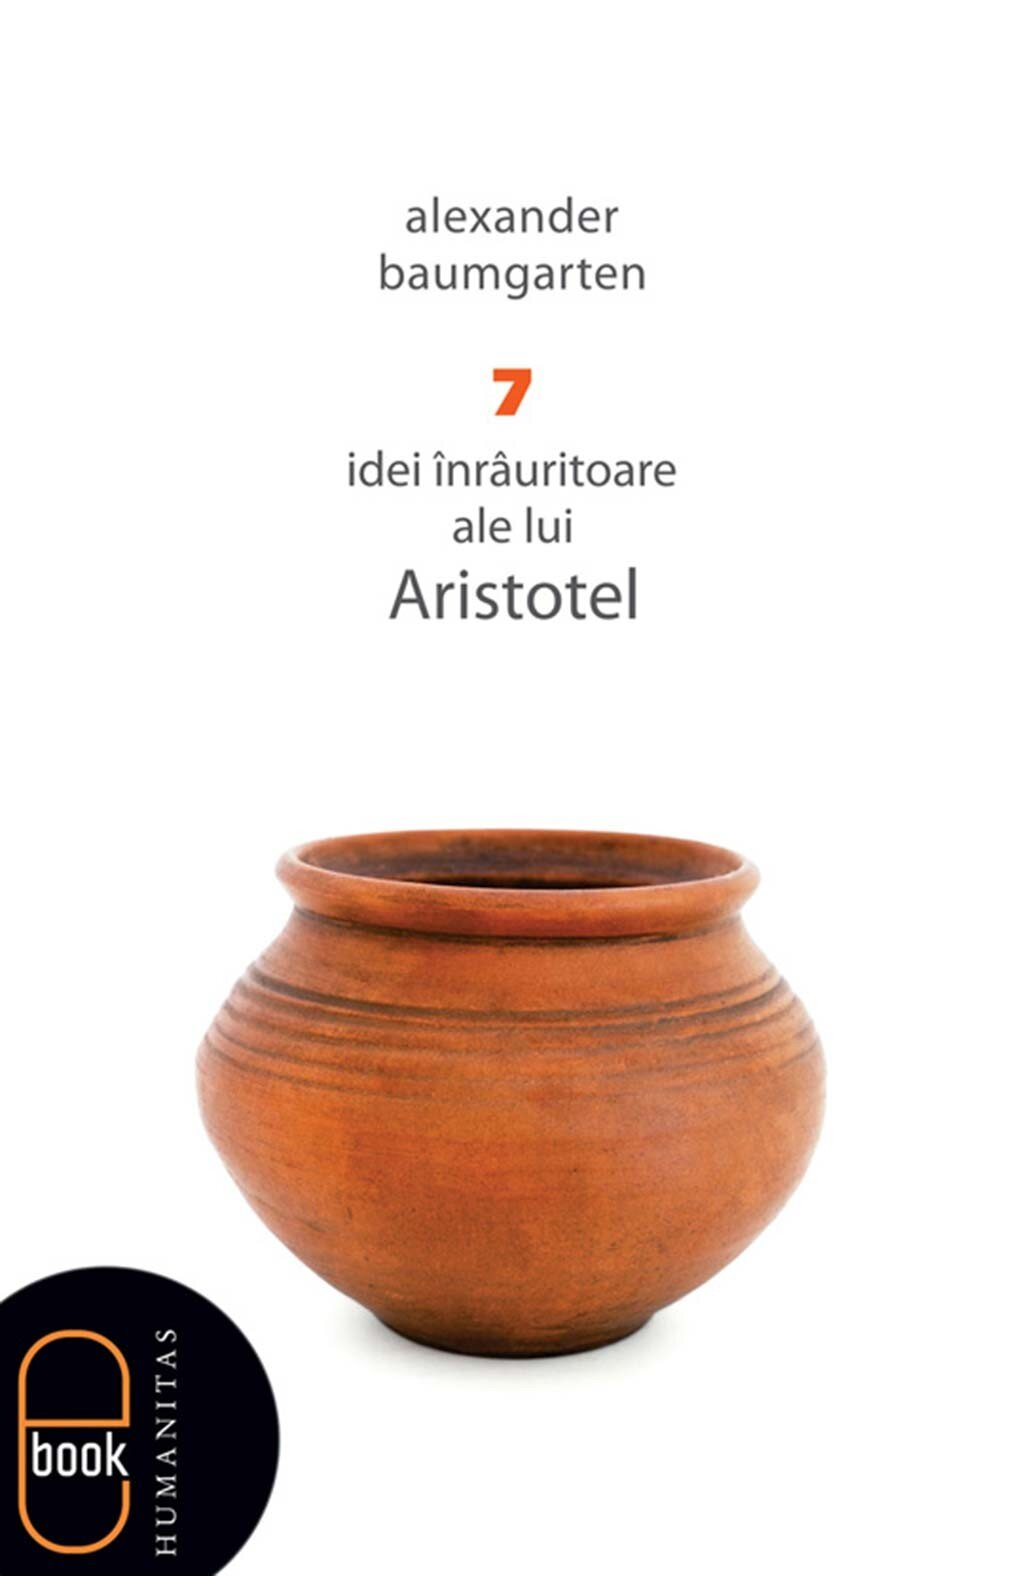 7 idei inrauritoare ale lui Aristotel (eBook)